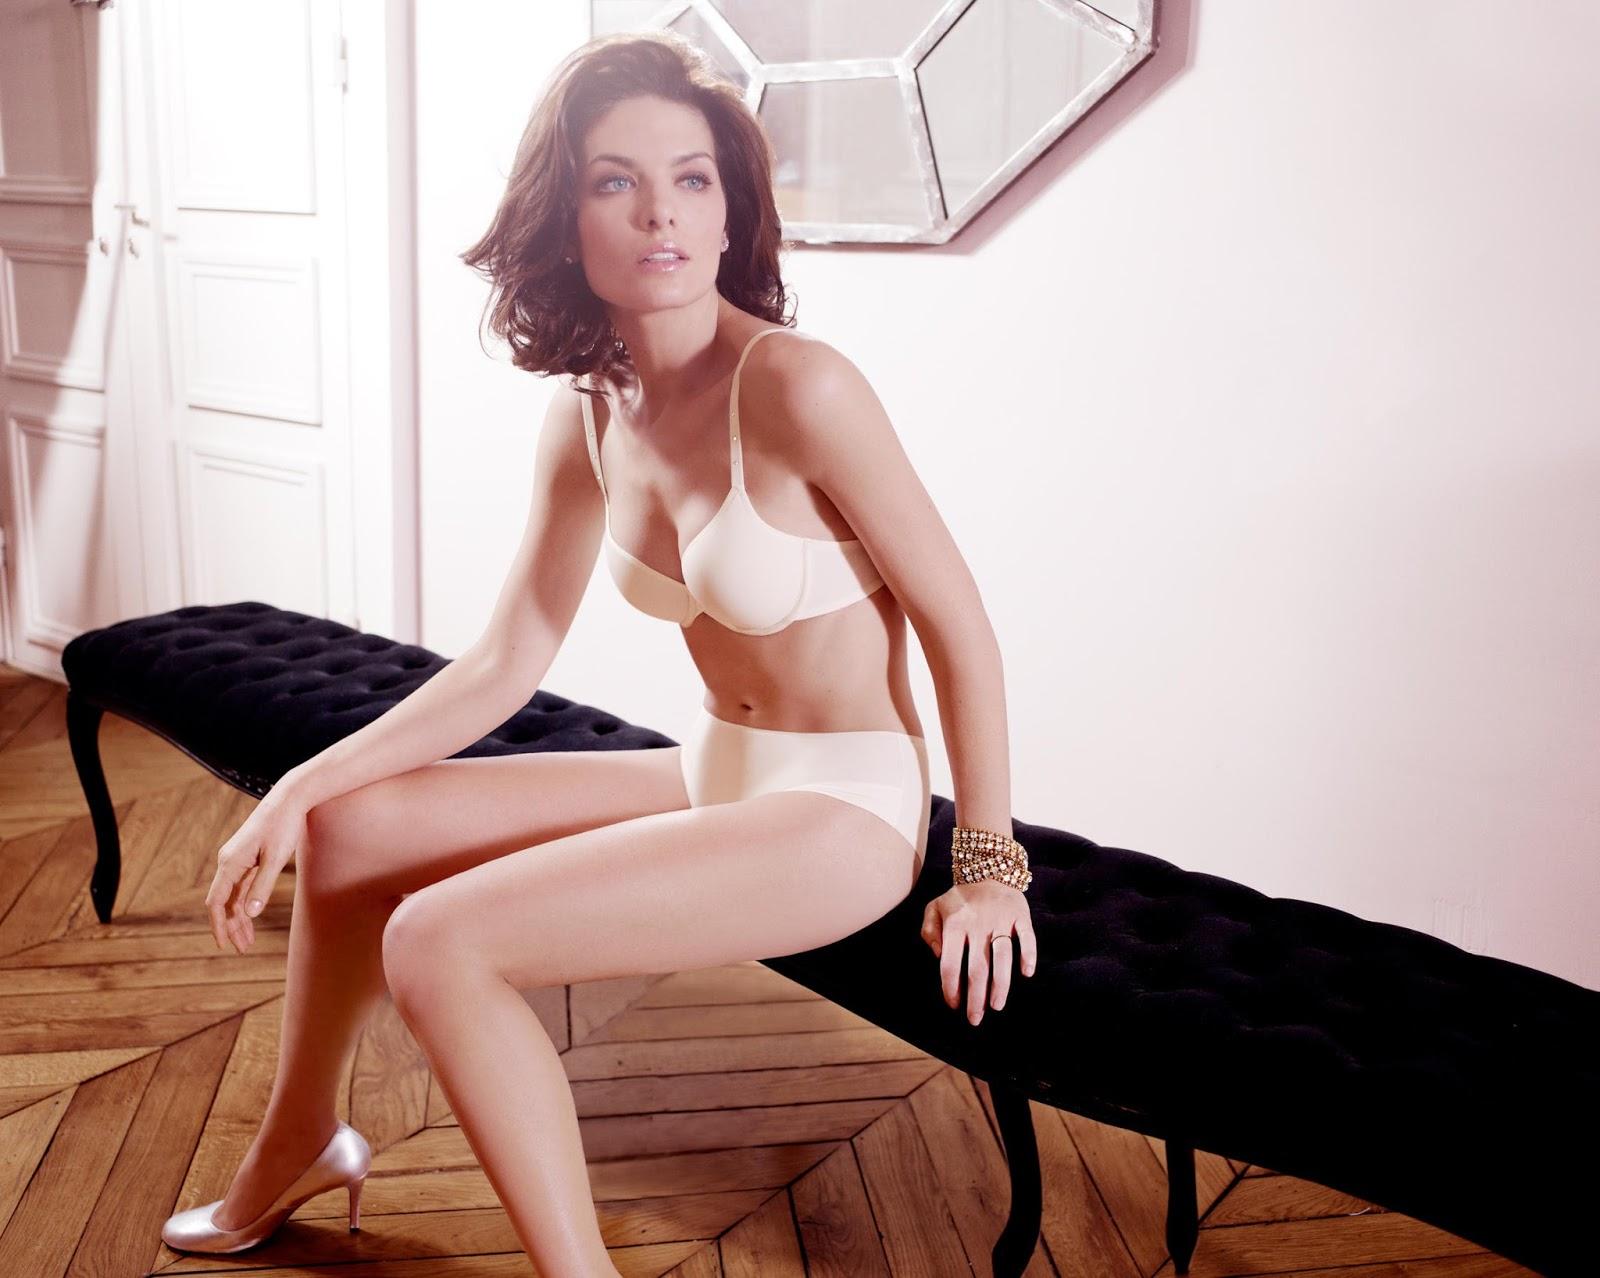 Swimwear Isabeli Fontana Nude Photoshoot Images